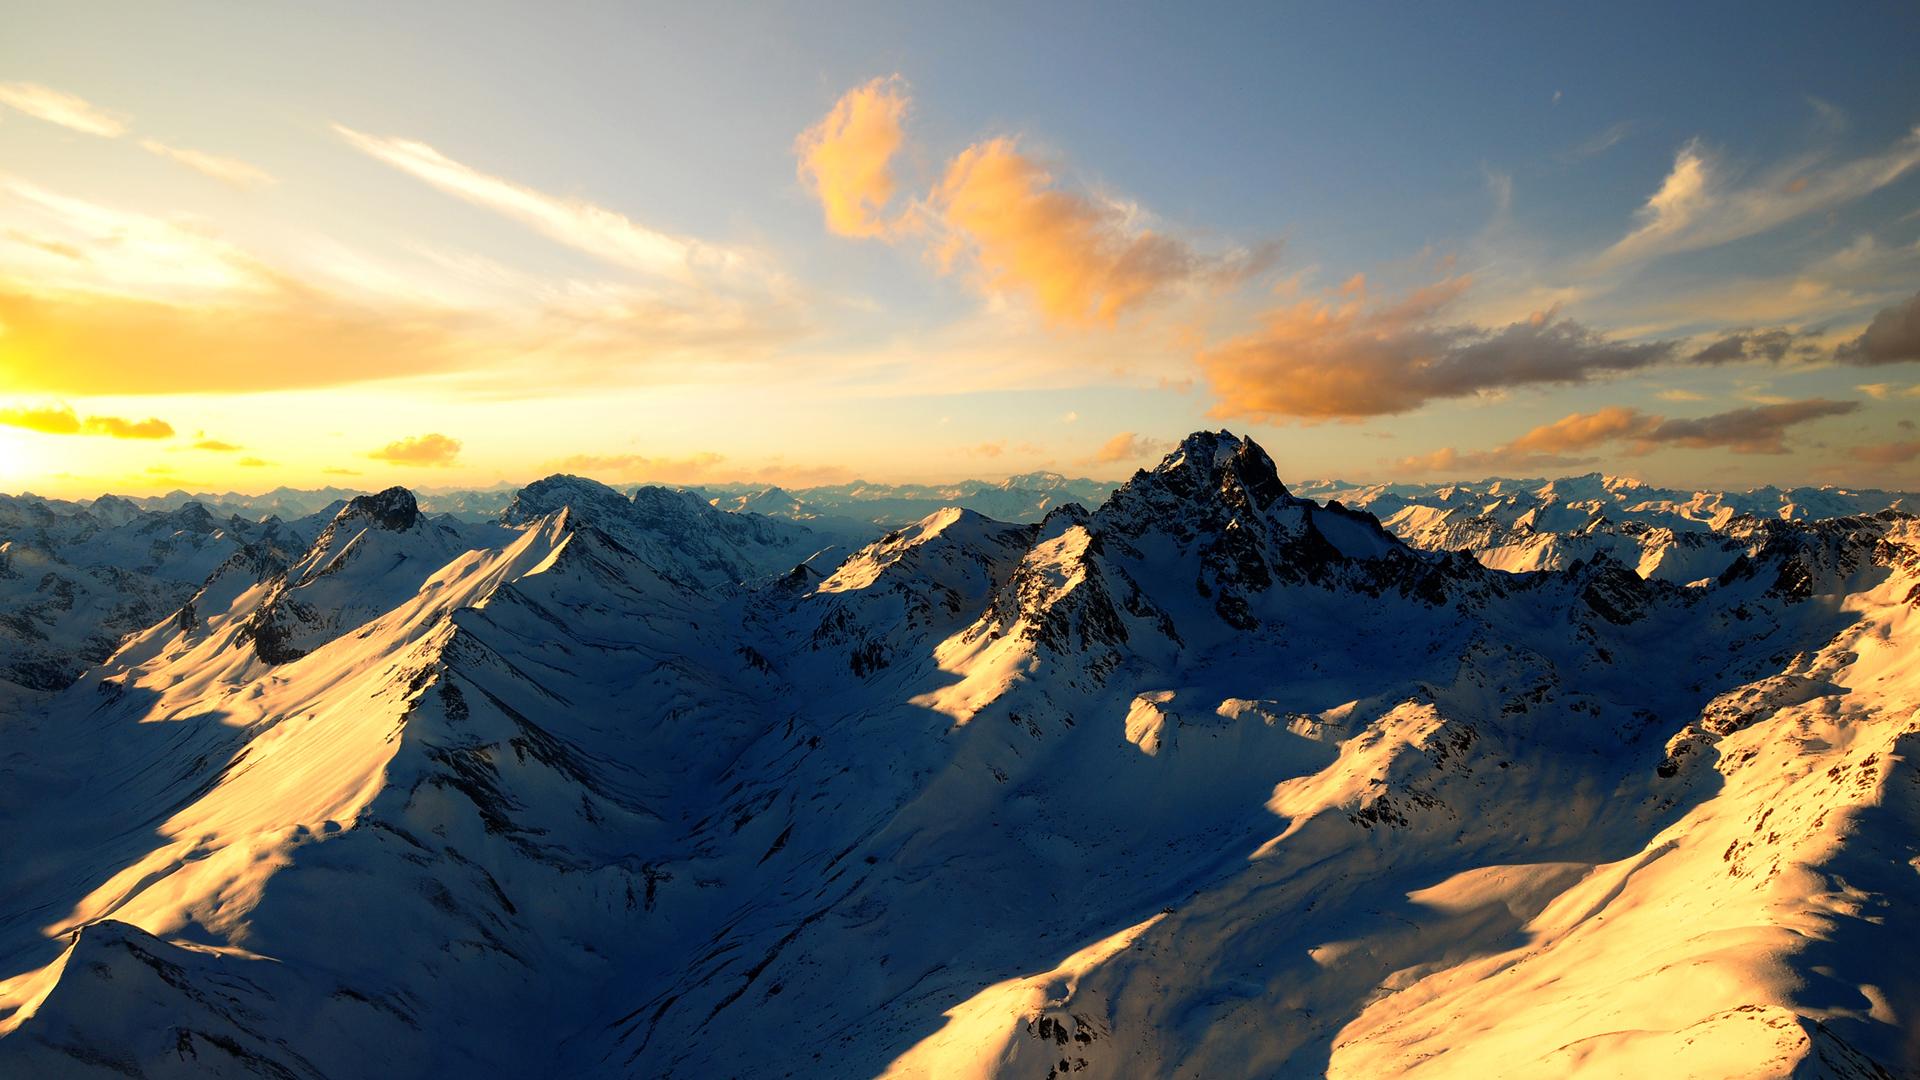 ... Himalayas Wallpaper · Himalayas Wallpaper